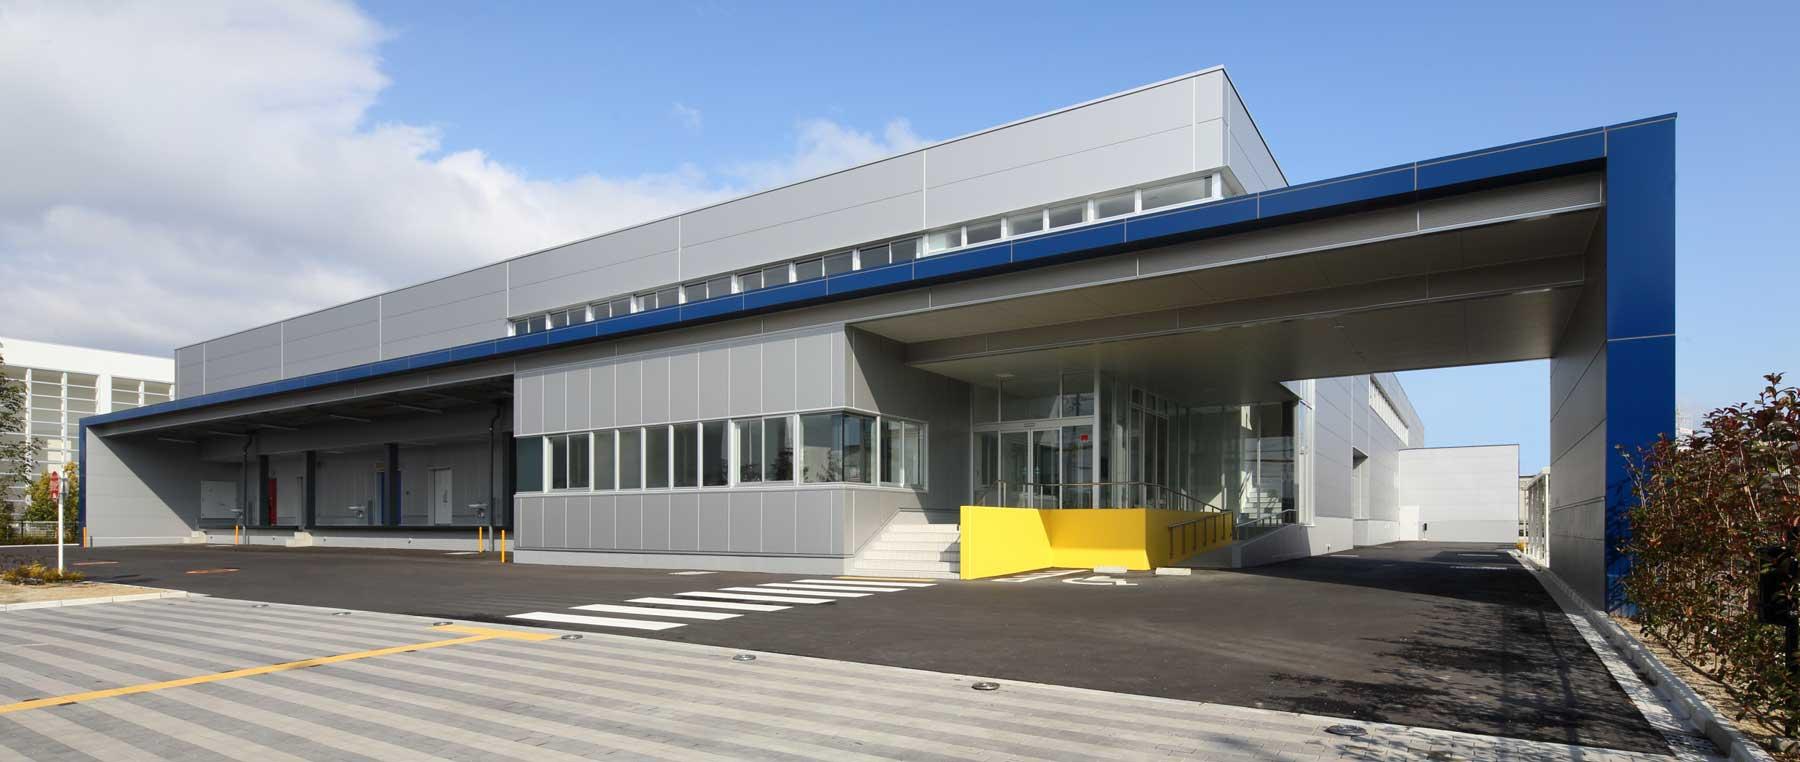 豊中市立走井学校給食センターの施工事例